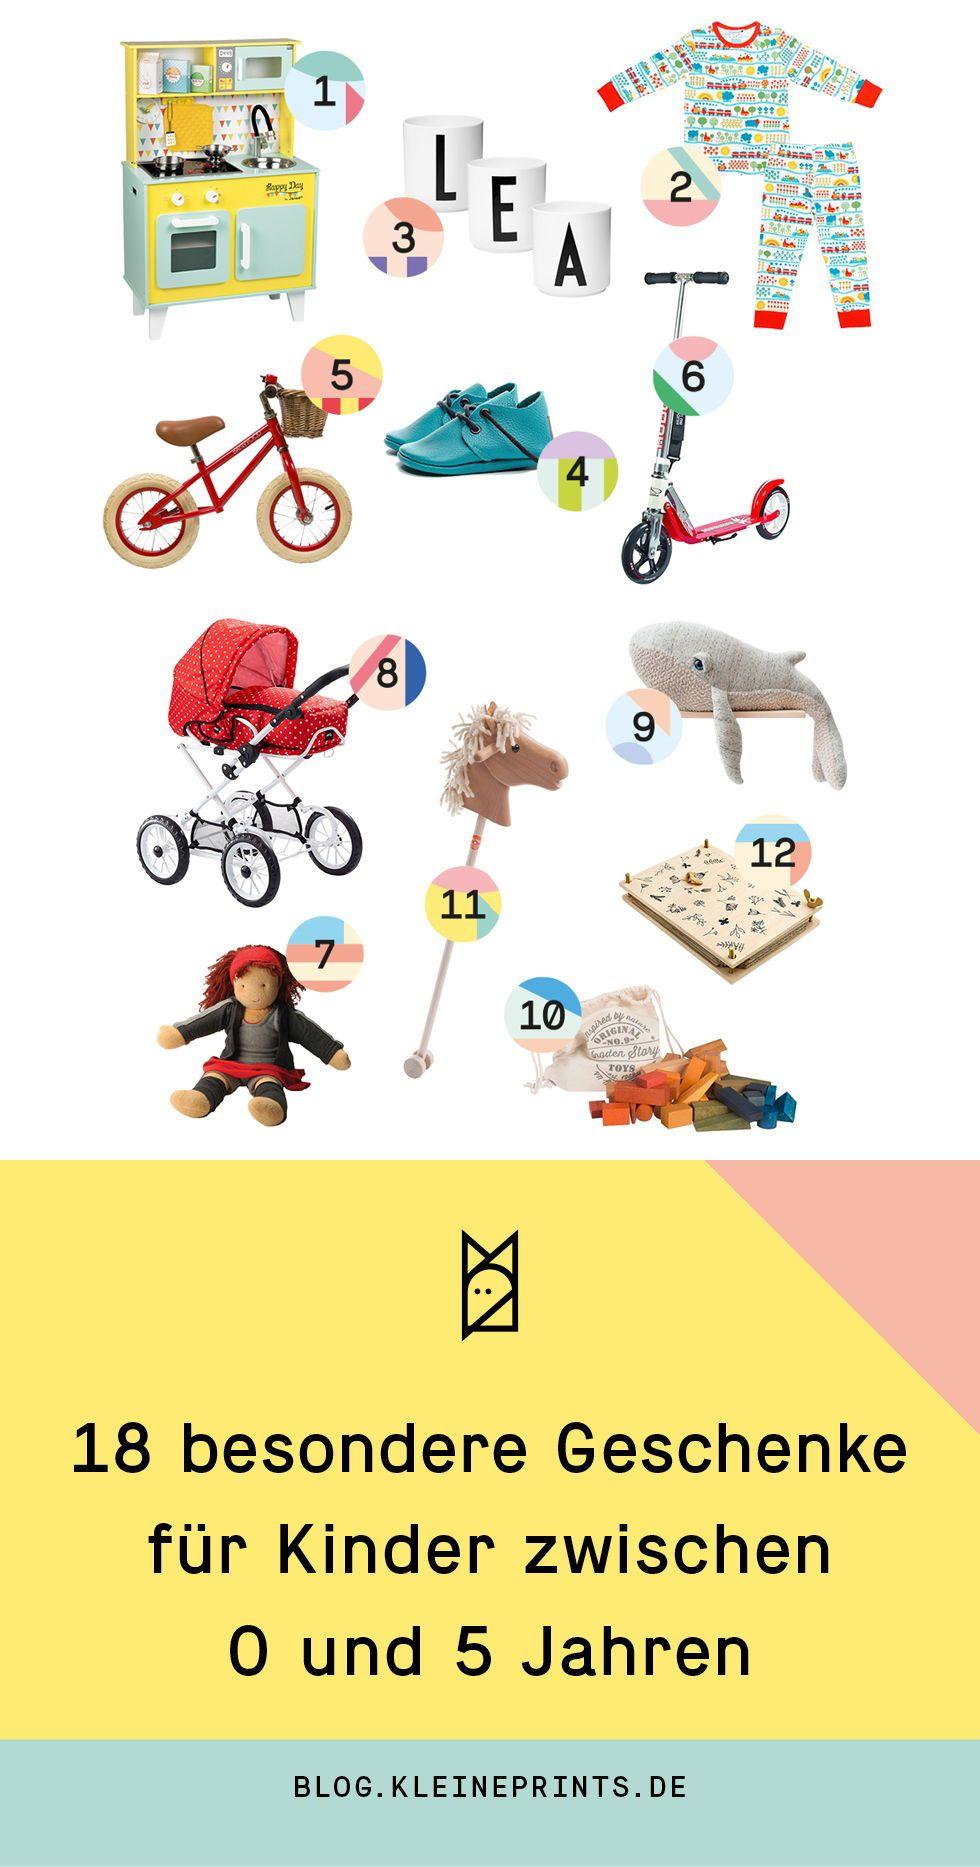 Besonder Weihnachtsgeschenke.18 Besondere Geschenke Für Kinder Zwischen 0 Und 5 Jahren